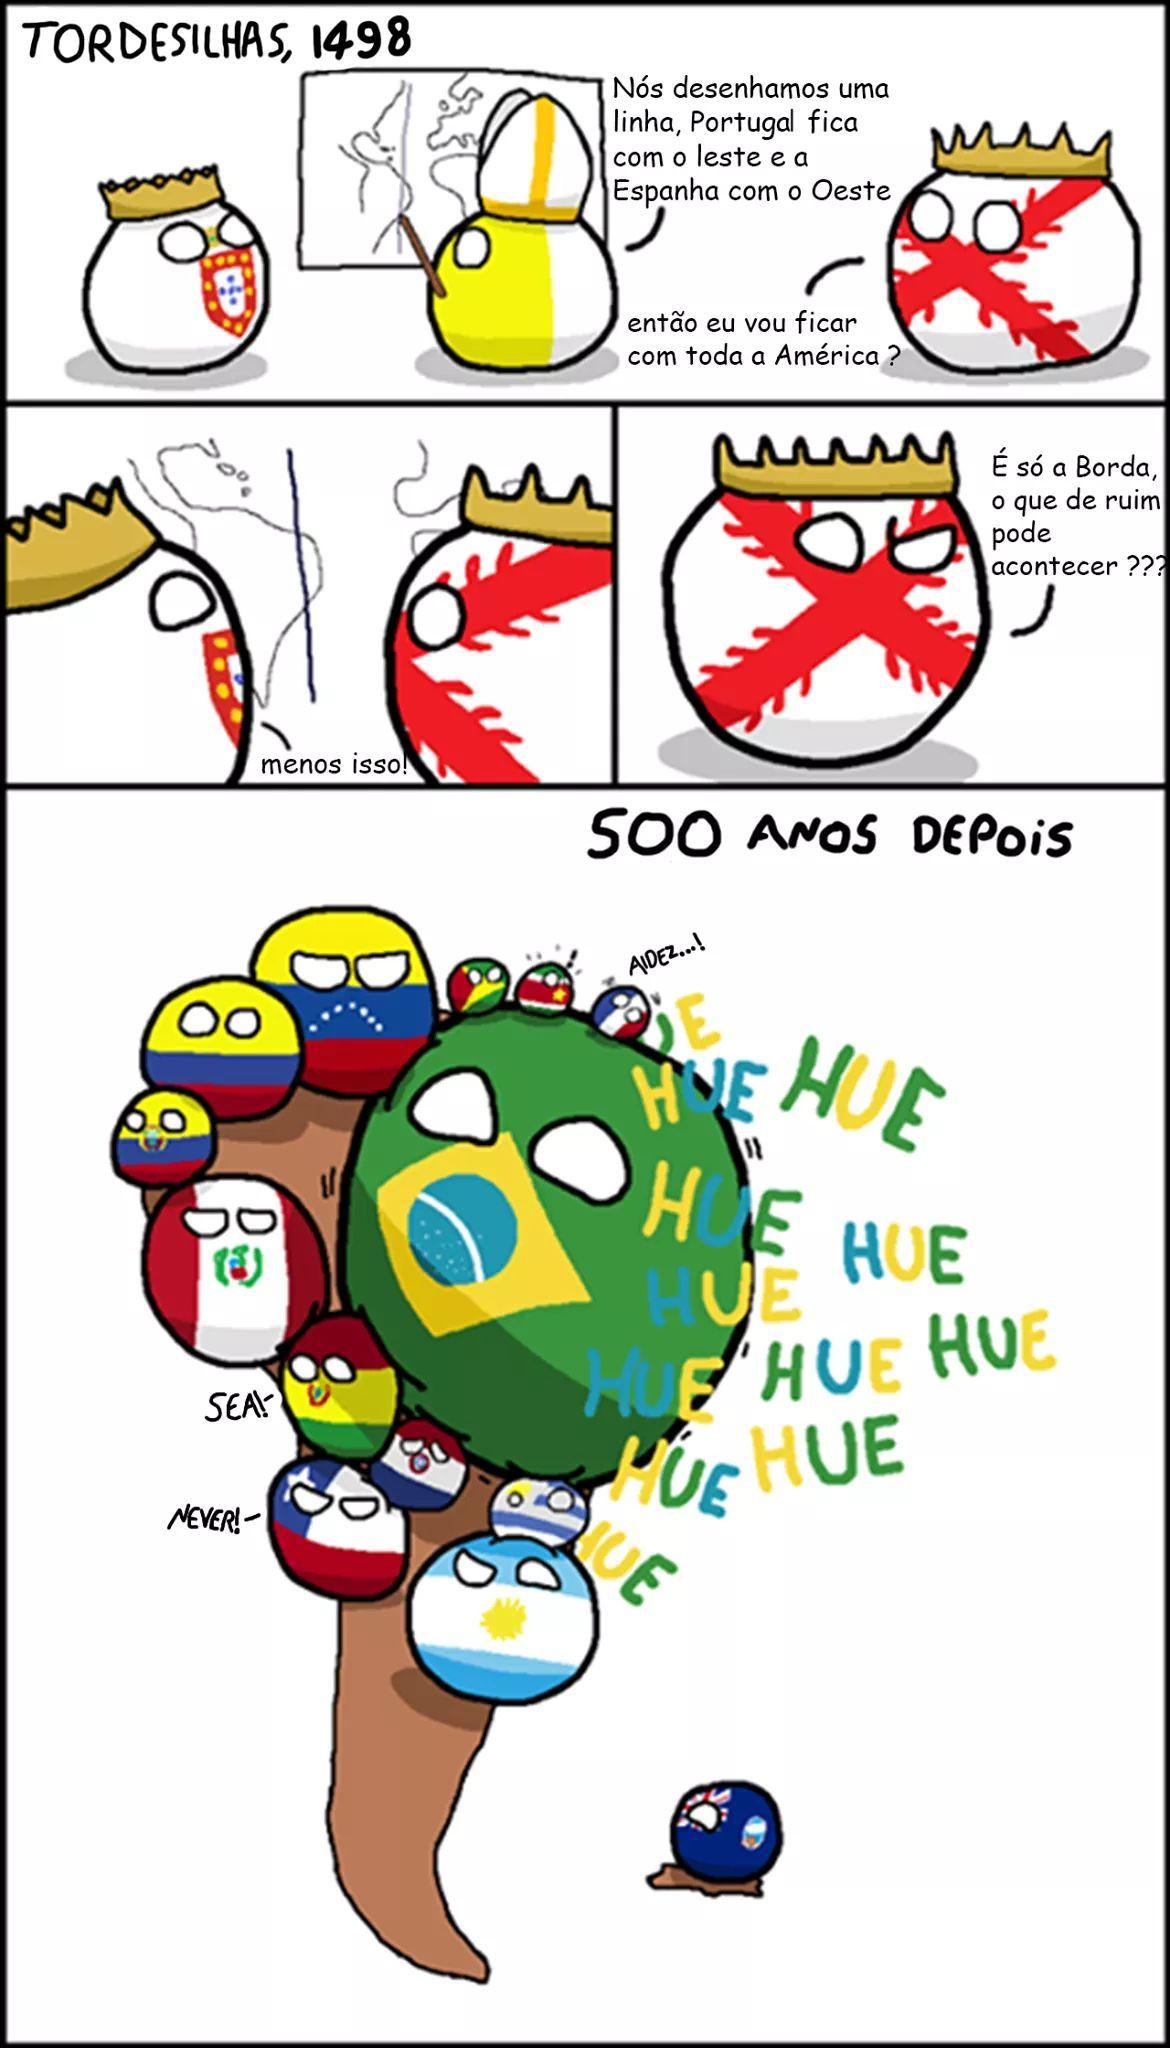 Tirinha retirada dá página BrasilBall - meme